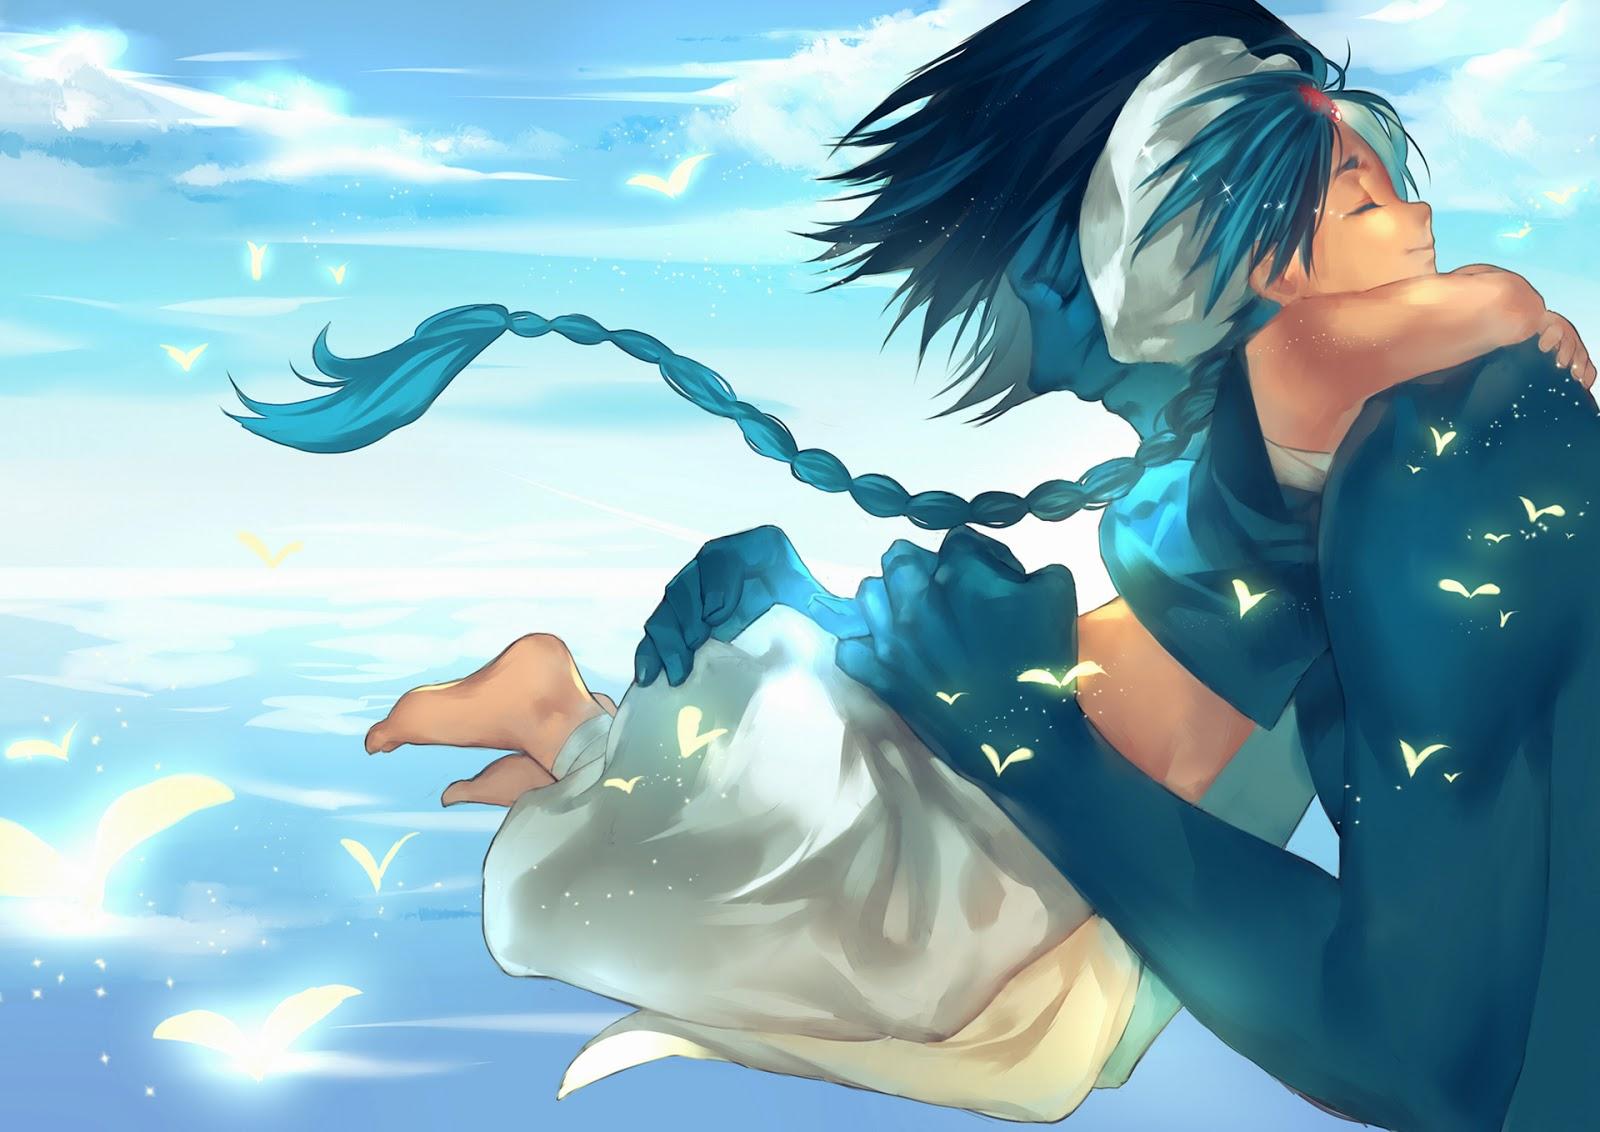 Aladdin ugo hug boy kid magi the labyrinth of magic anime hd wallpaper